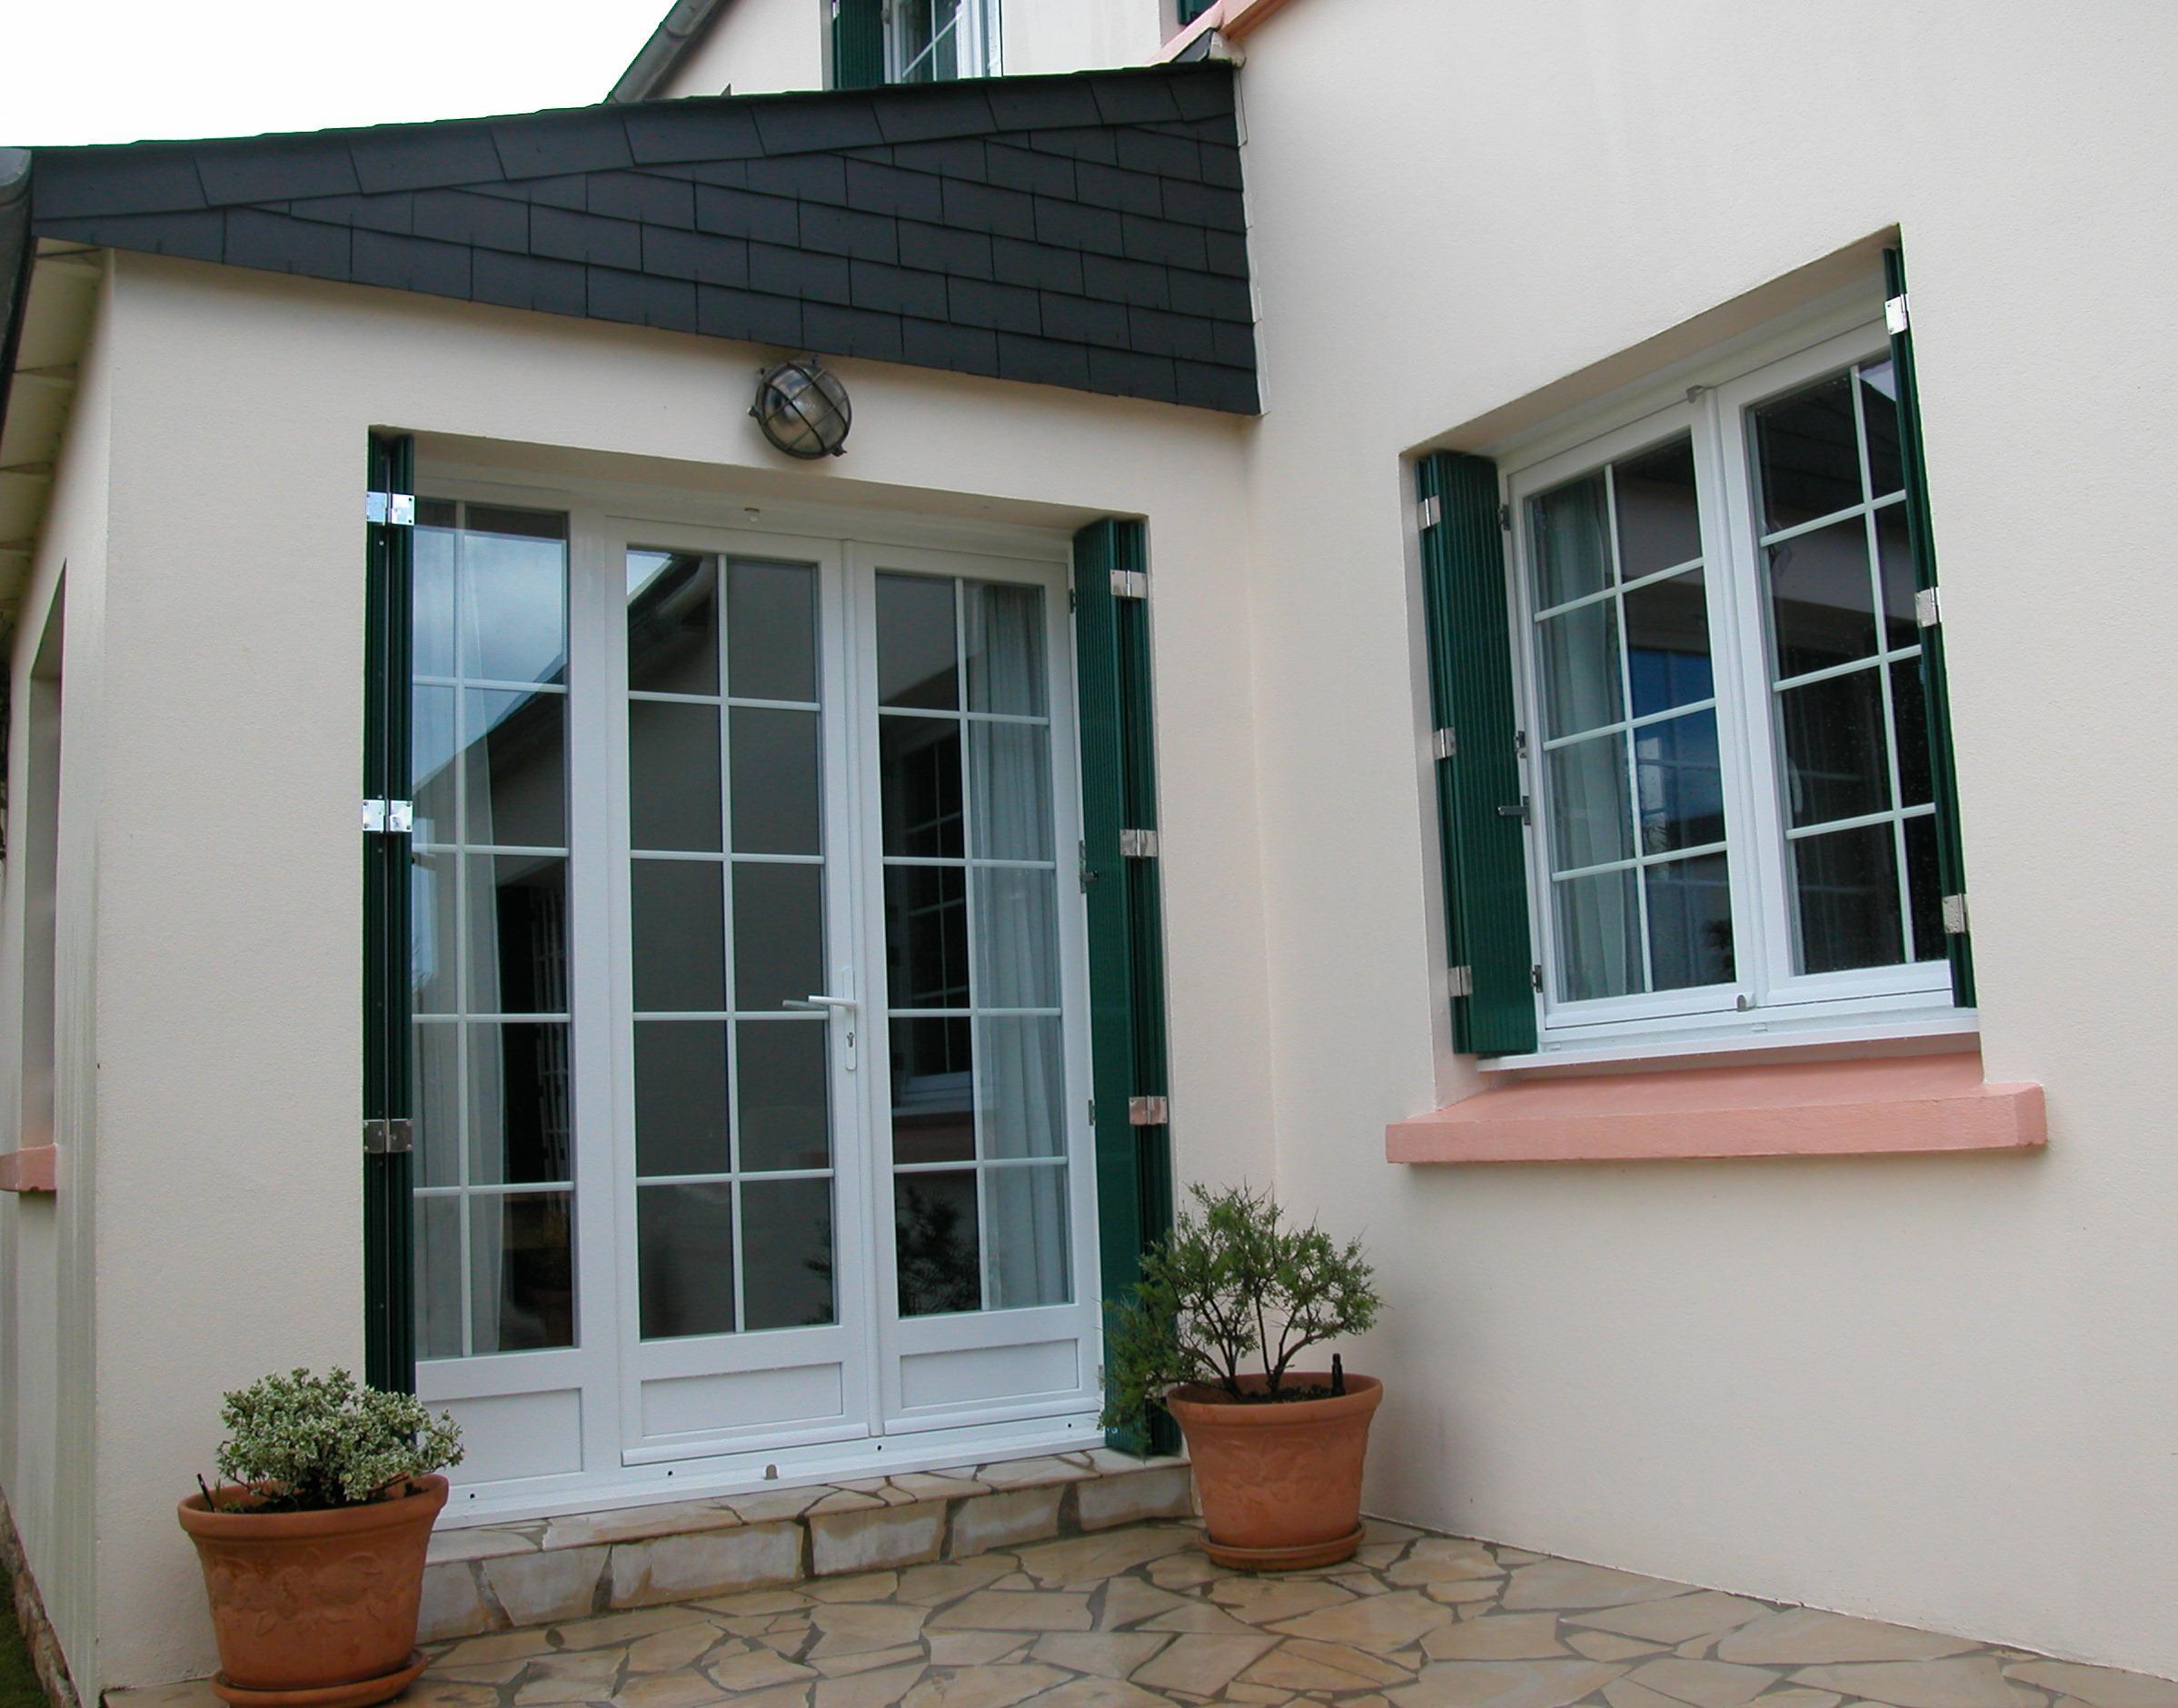 Installation Fenêtres Pvc à Guilers Mvm